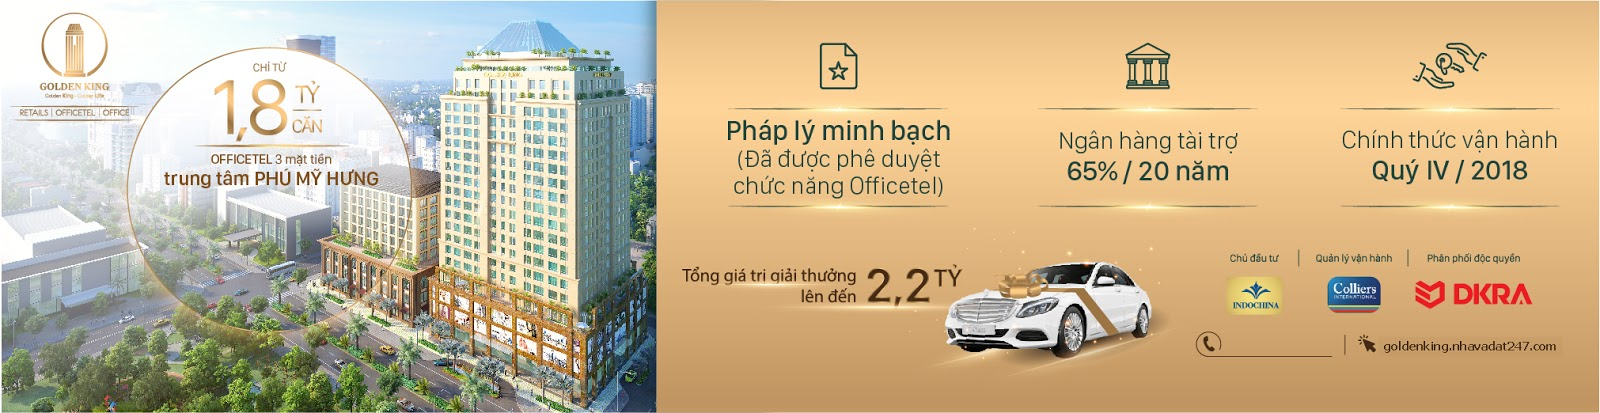 BẢNG GIÁ OFFICETEL GOLDEN KING